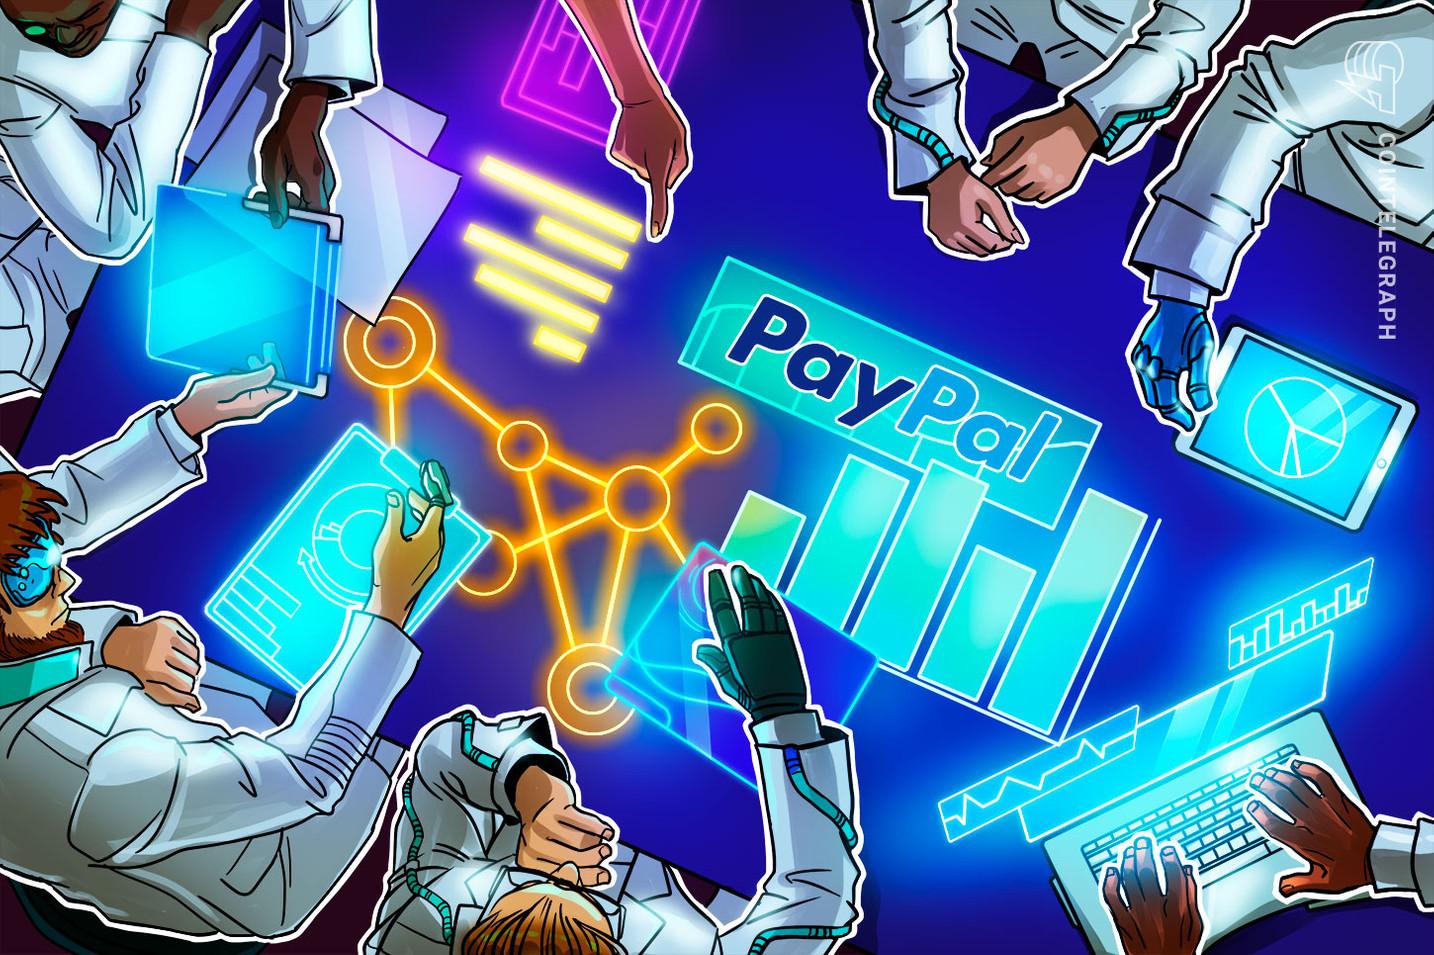 La 'súper aplicación' criptográfica de PayPal se lanzará pronto